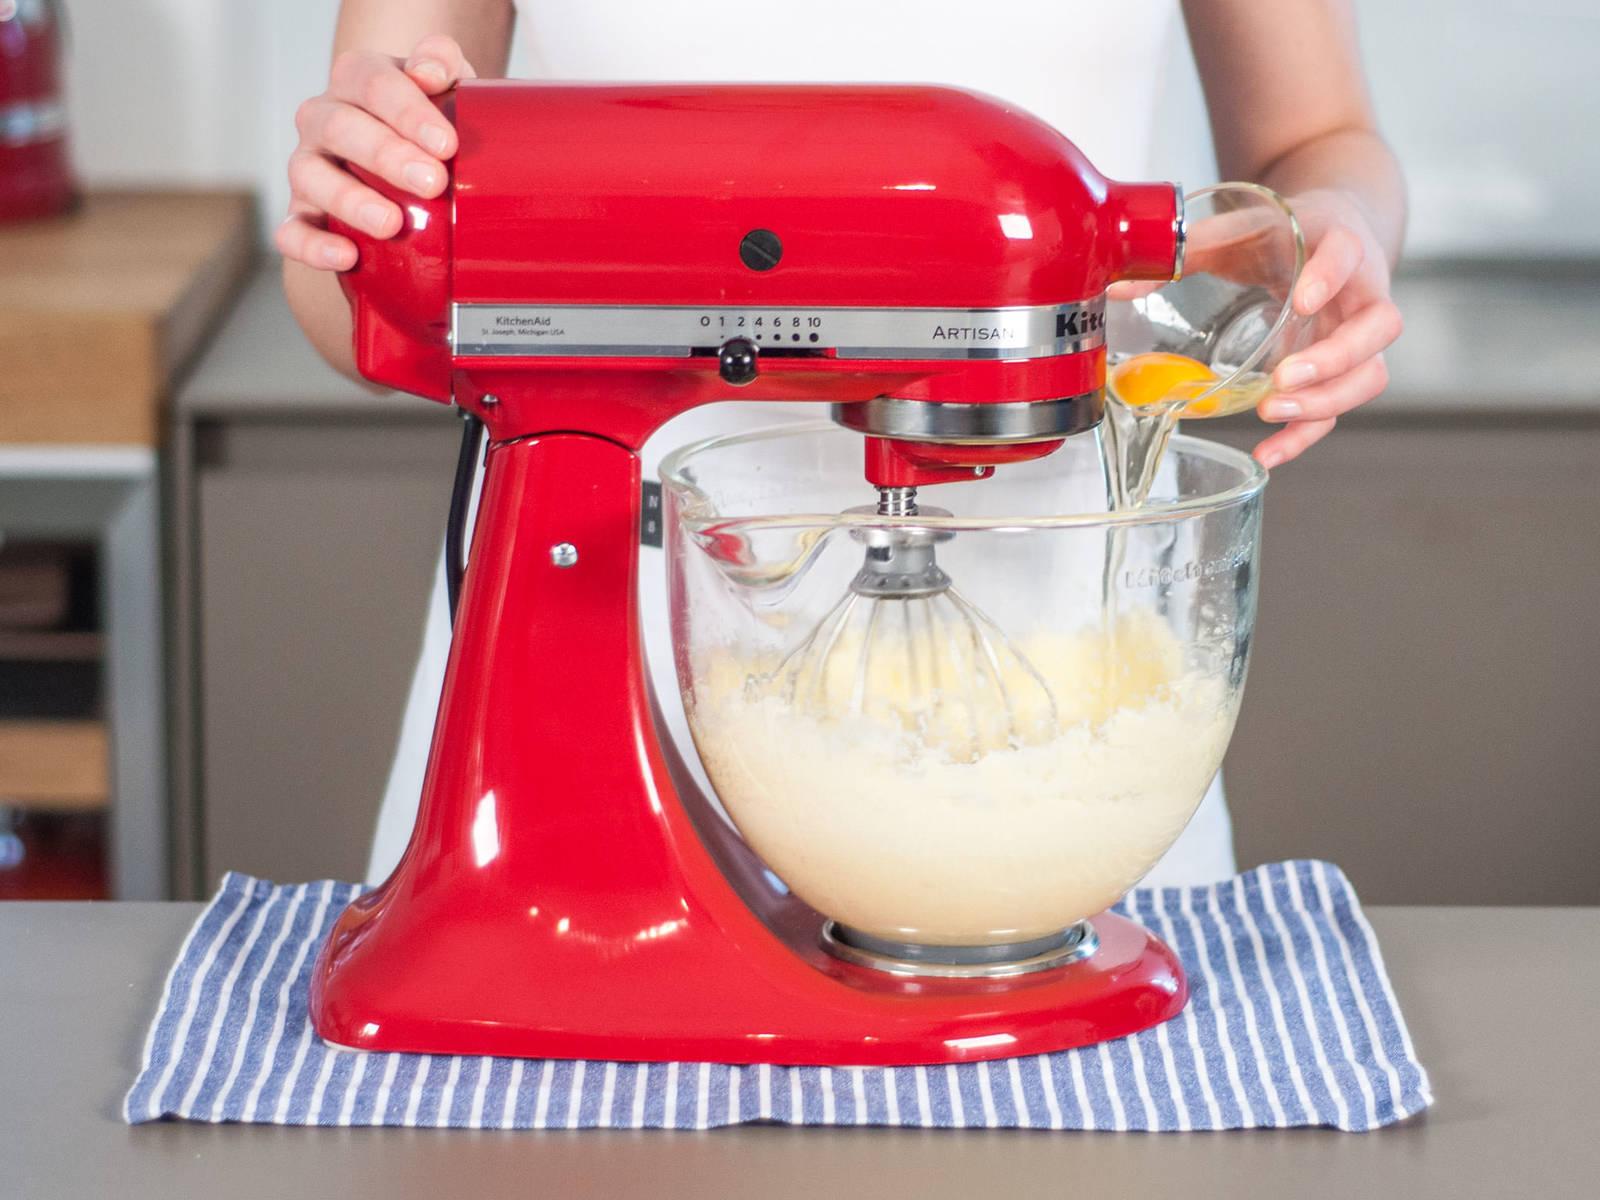 加入五分之三的酸橙汁,并将剩余的酸橙汁用于制作糖霜。分次加入鸡蛋,每加入一个后搅打均匀。